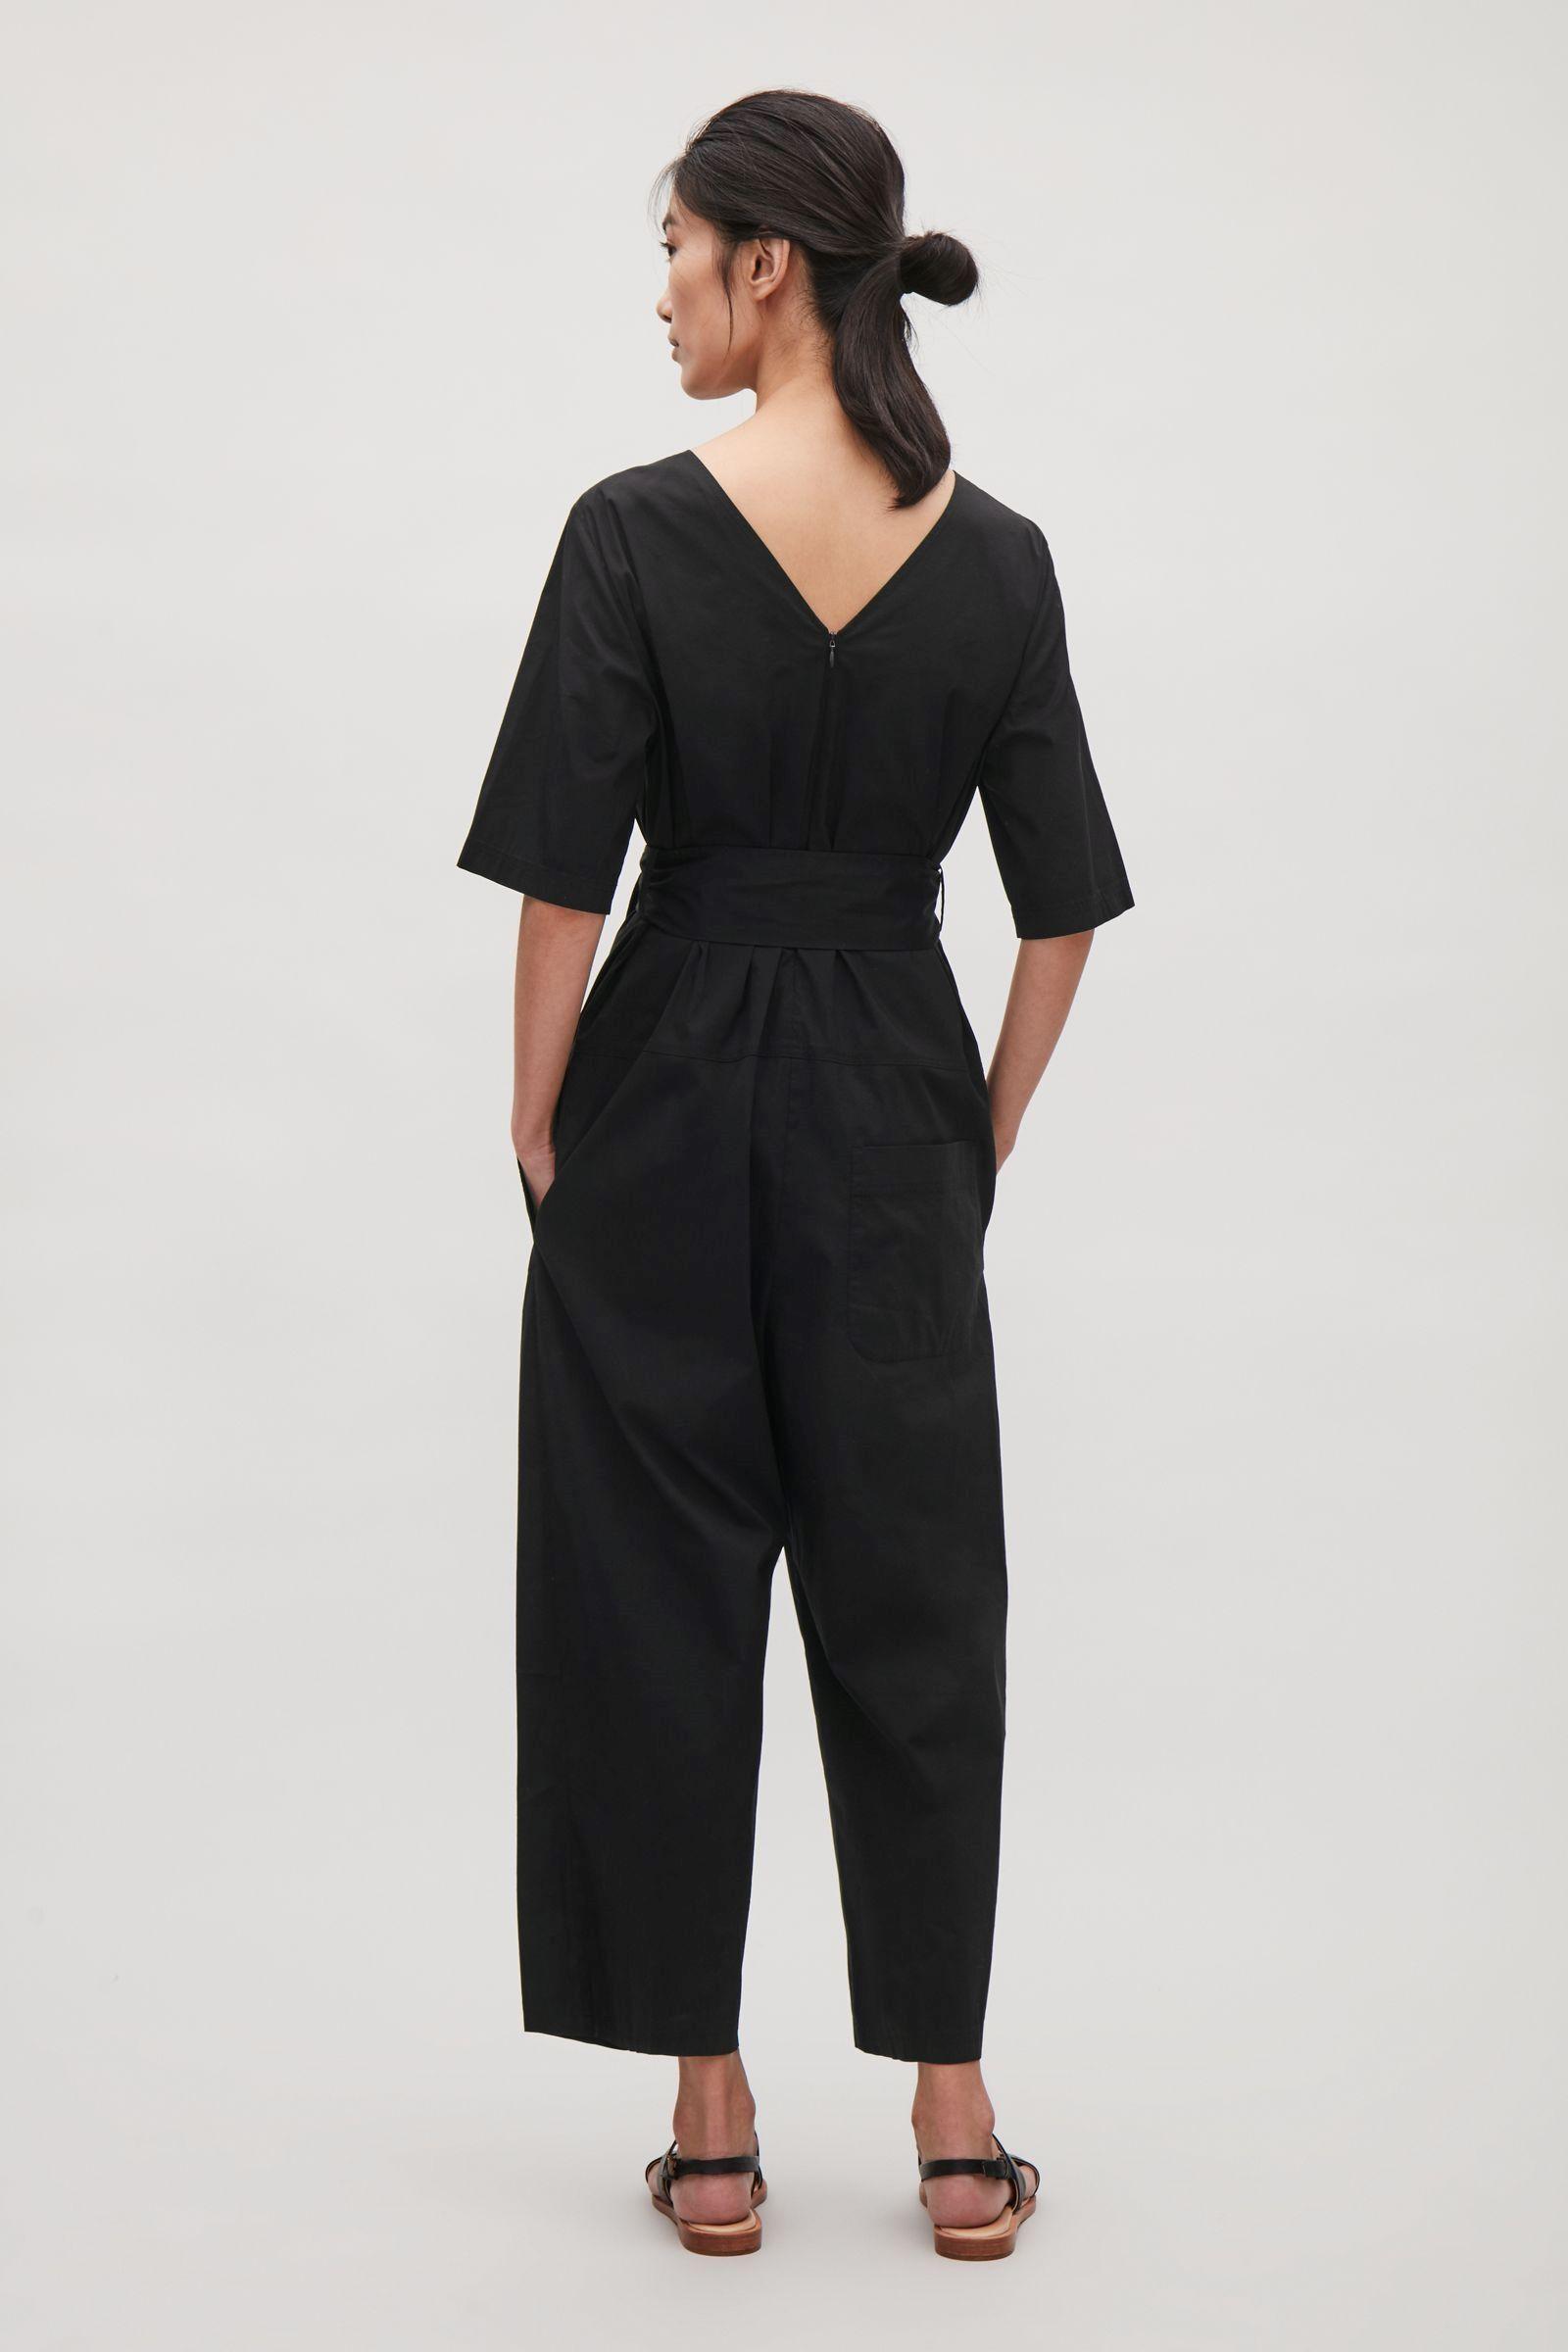 COS image 2 of Short-sleeve poplin jumpsuit in Black ...